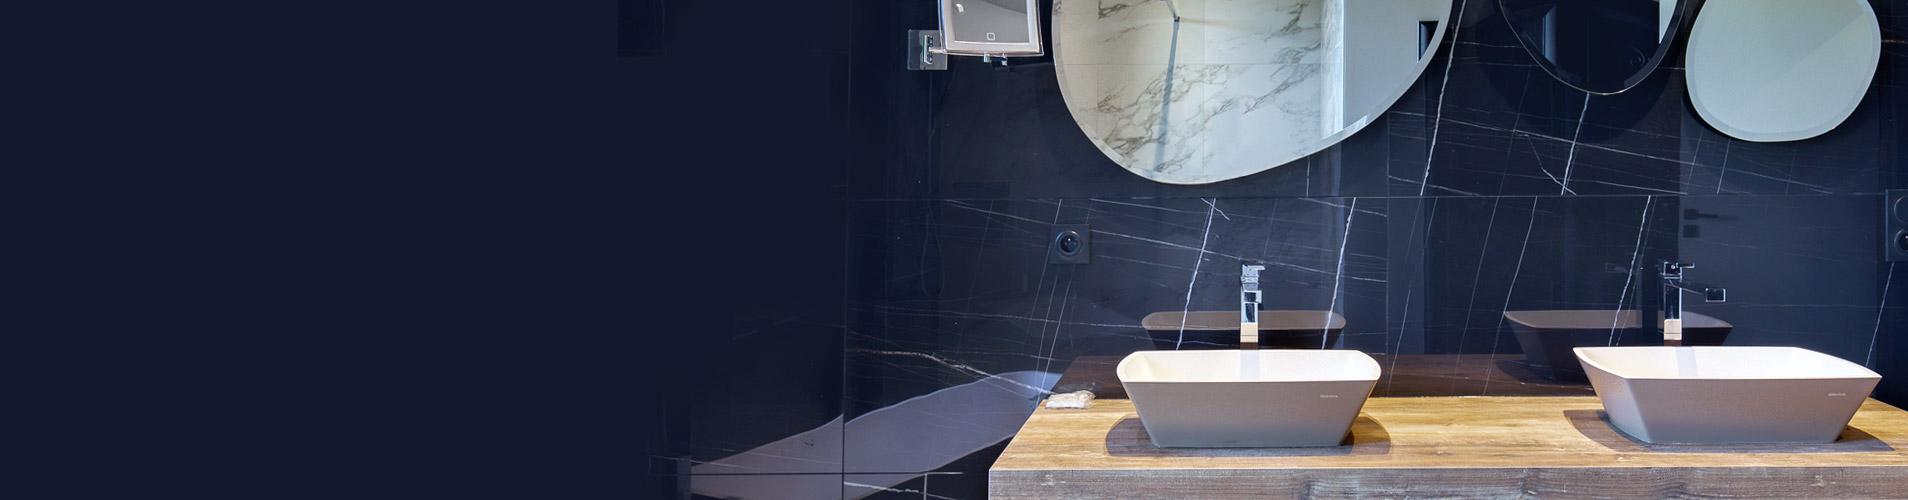 La rénovation d'une salle de bain contemporaine réalisée par SABEKO